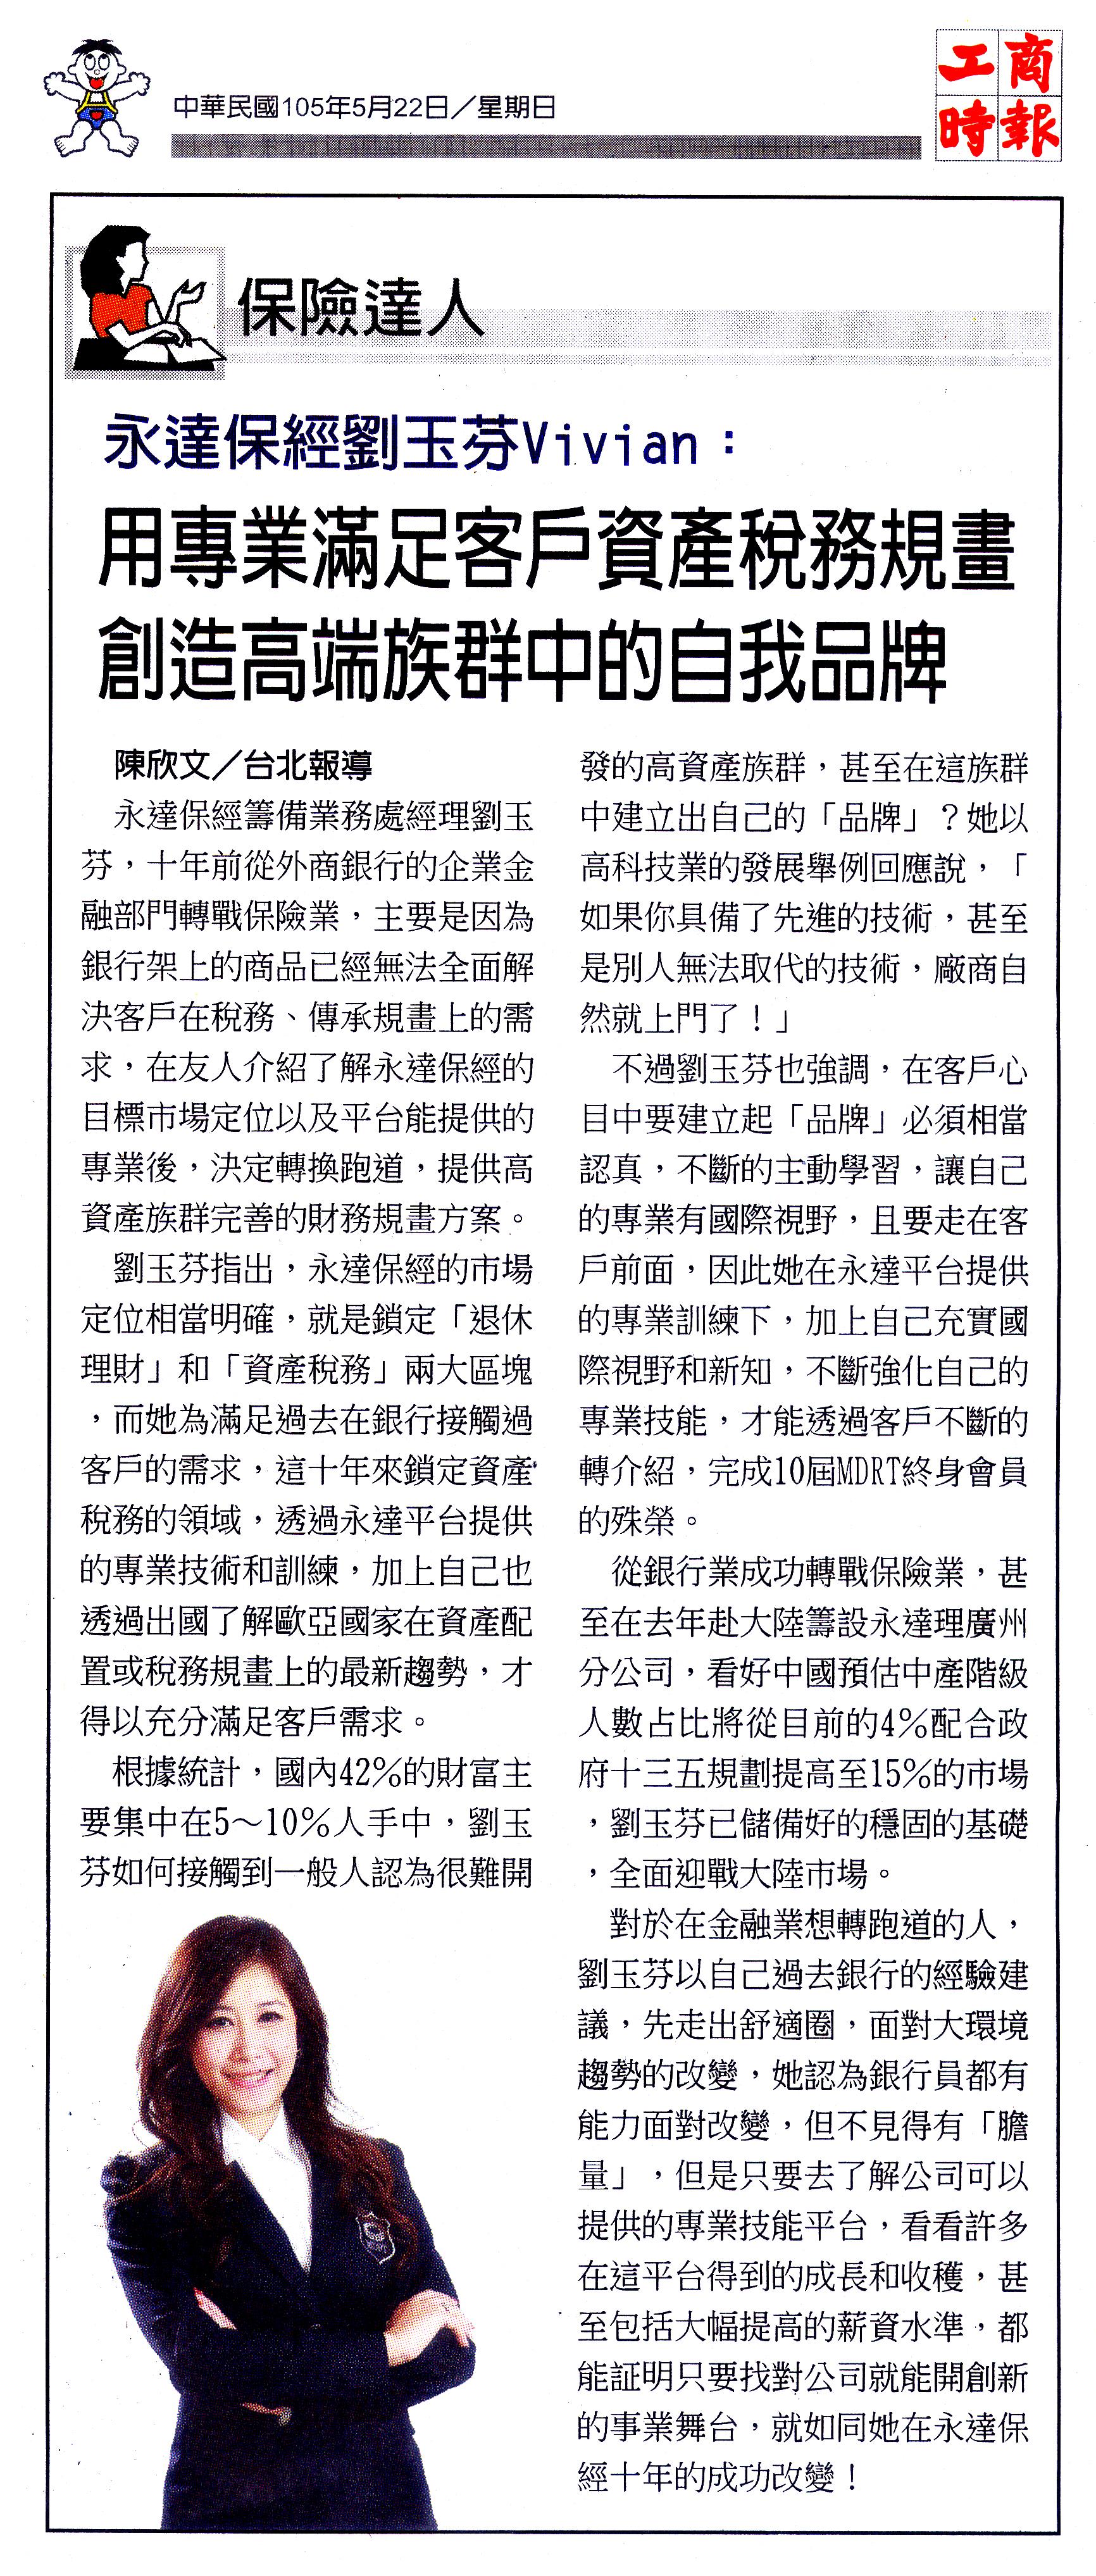 永達保經劉玉芬Vivian:用專業滿足客戶資產稅務規畫 創造高端族群中的自我品牌報導圖檔